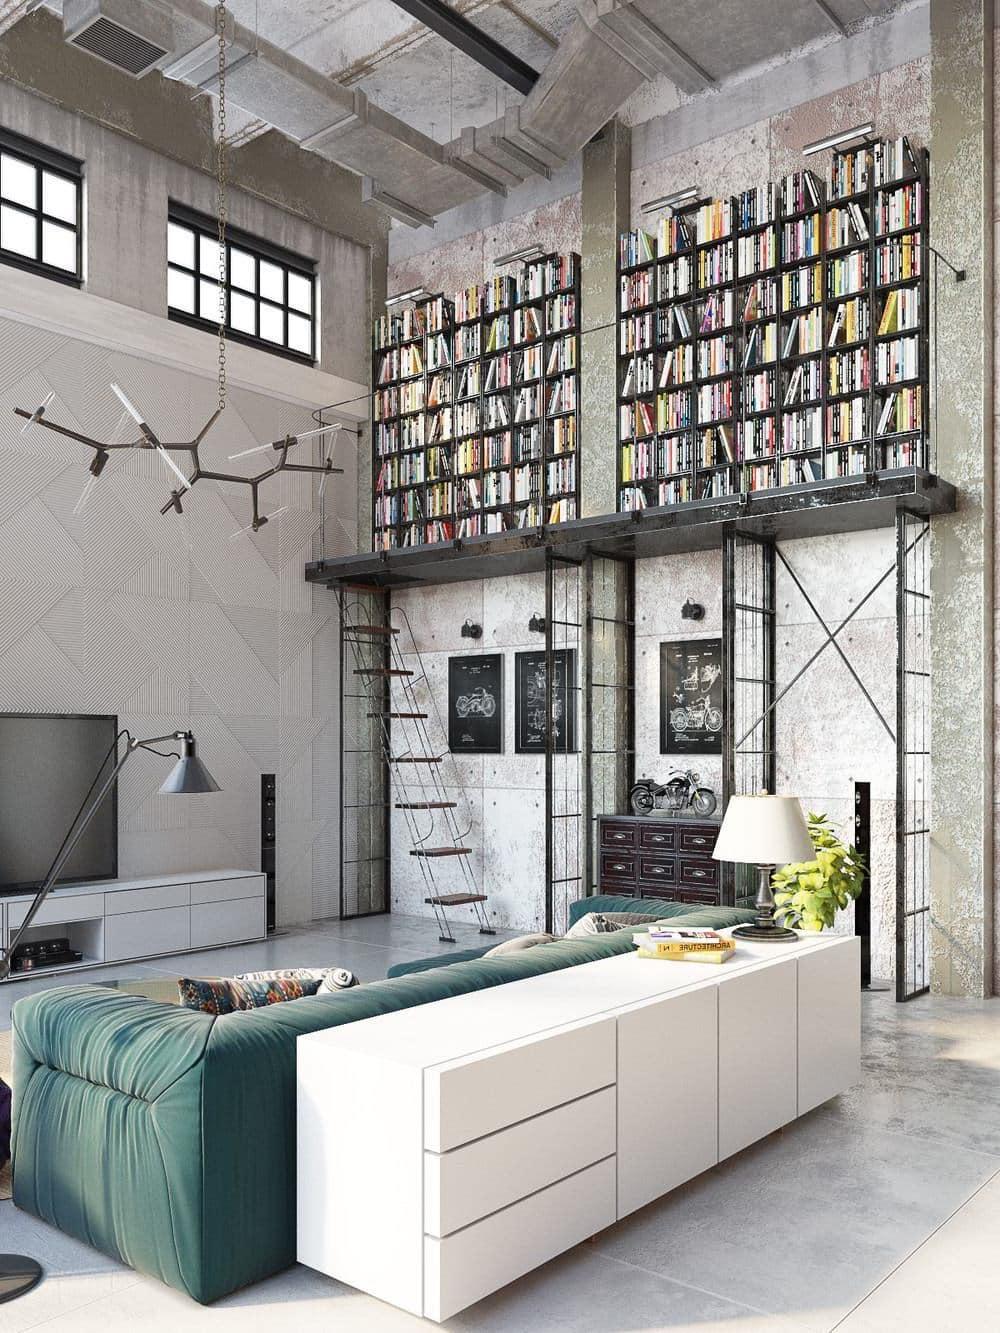 Данный интерьер является эталоном правильного дизайна и идеального вкуса при оформлении минималистичного лофт интерьера